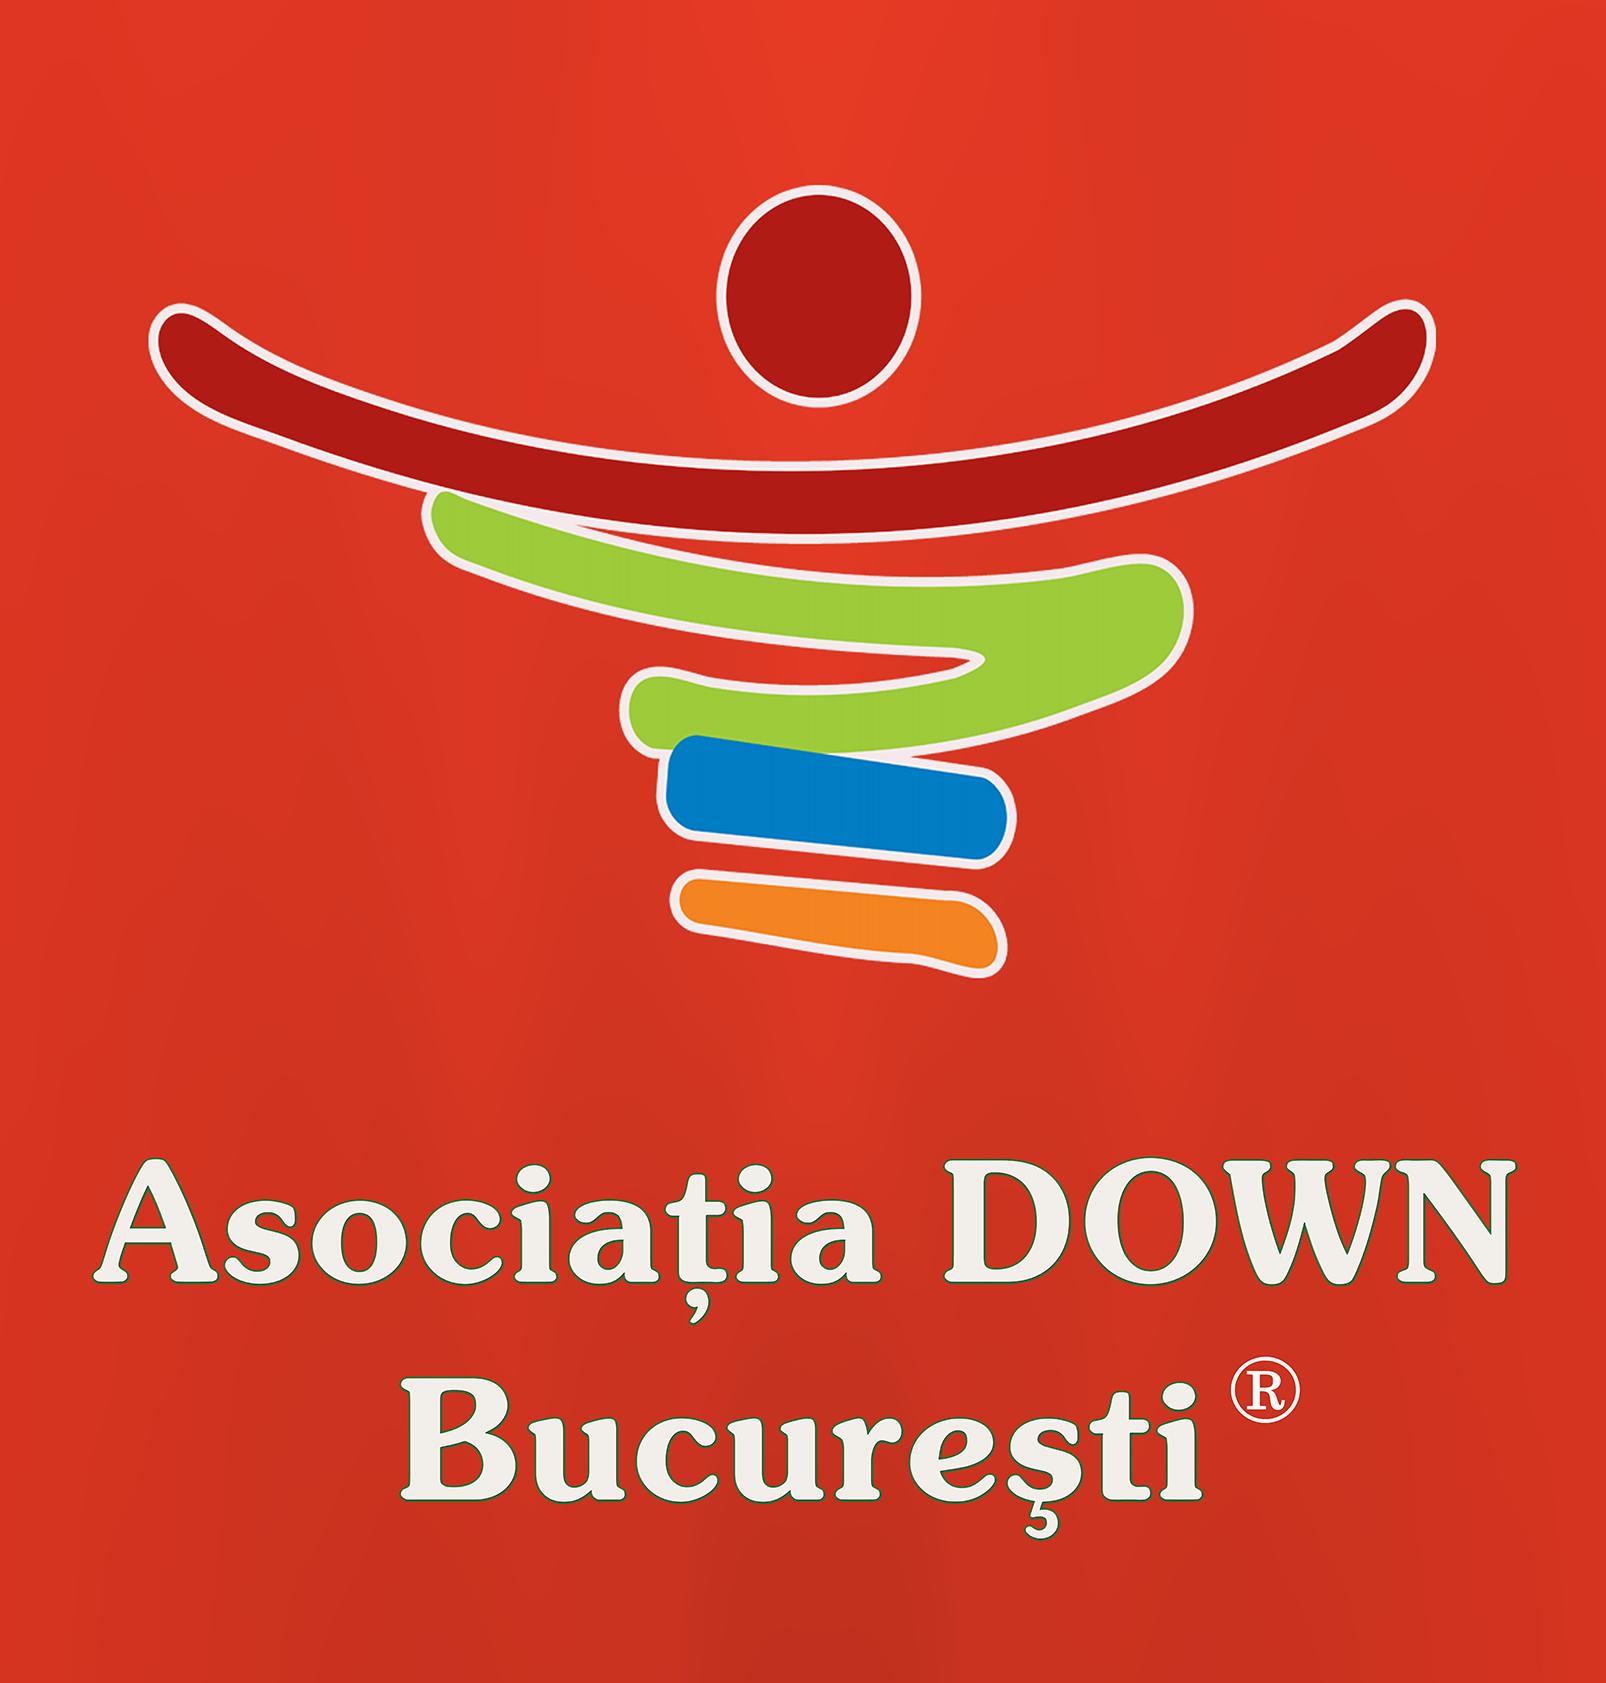 Asociatia Down Bucuresti logo